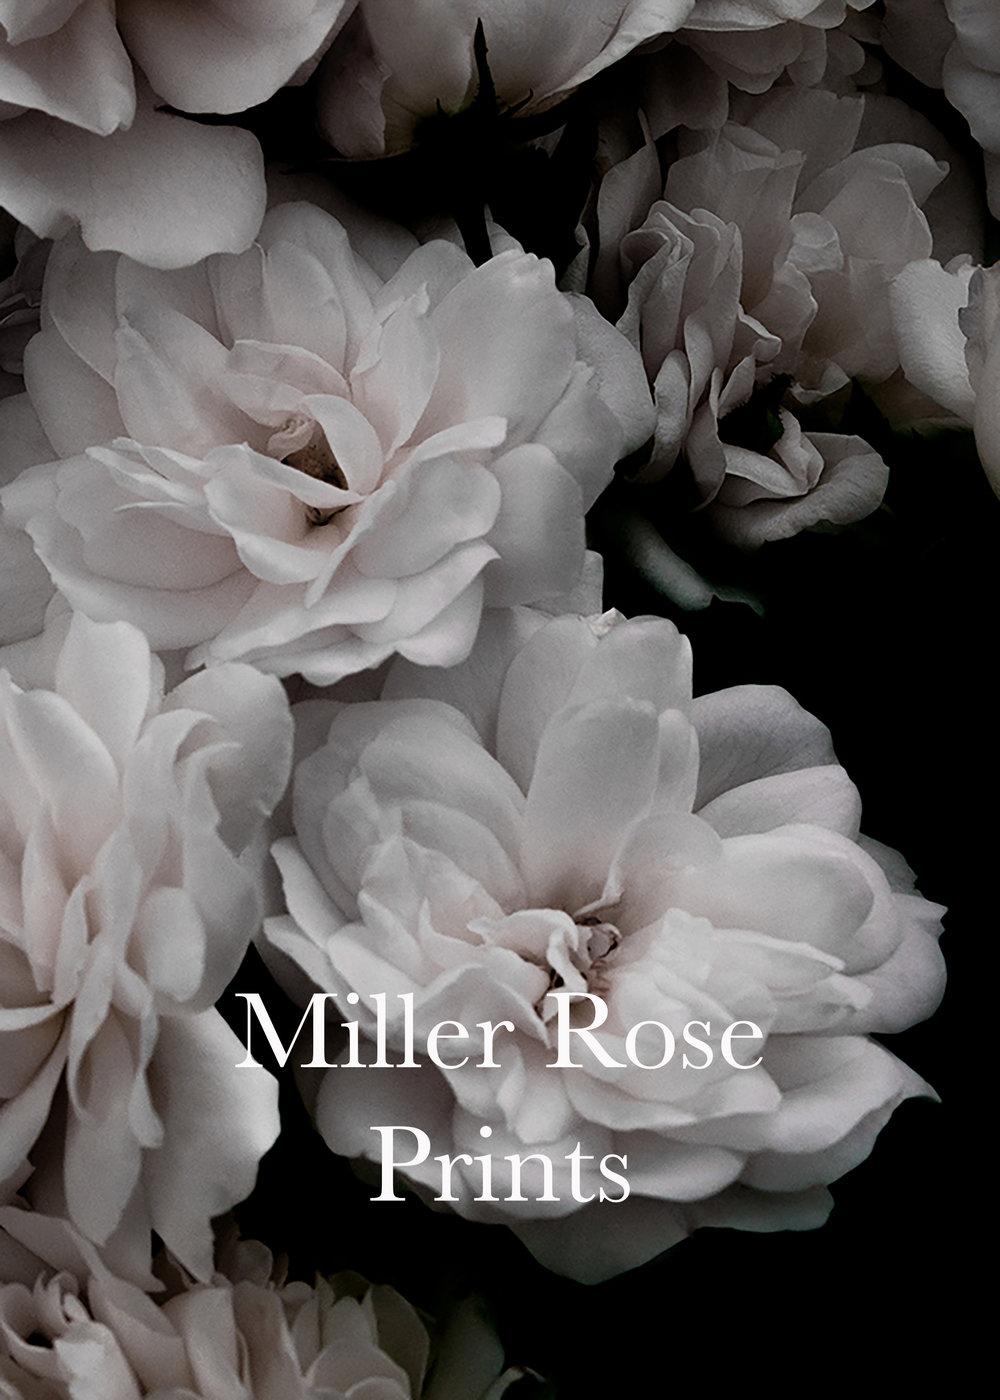 Bed of Roses-2a copy-2 copy.jpg